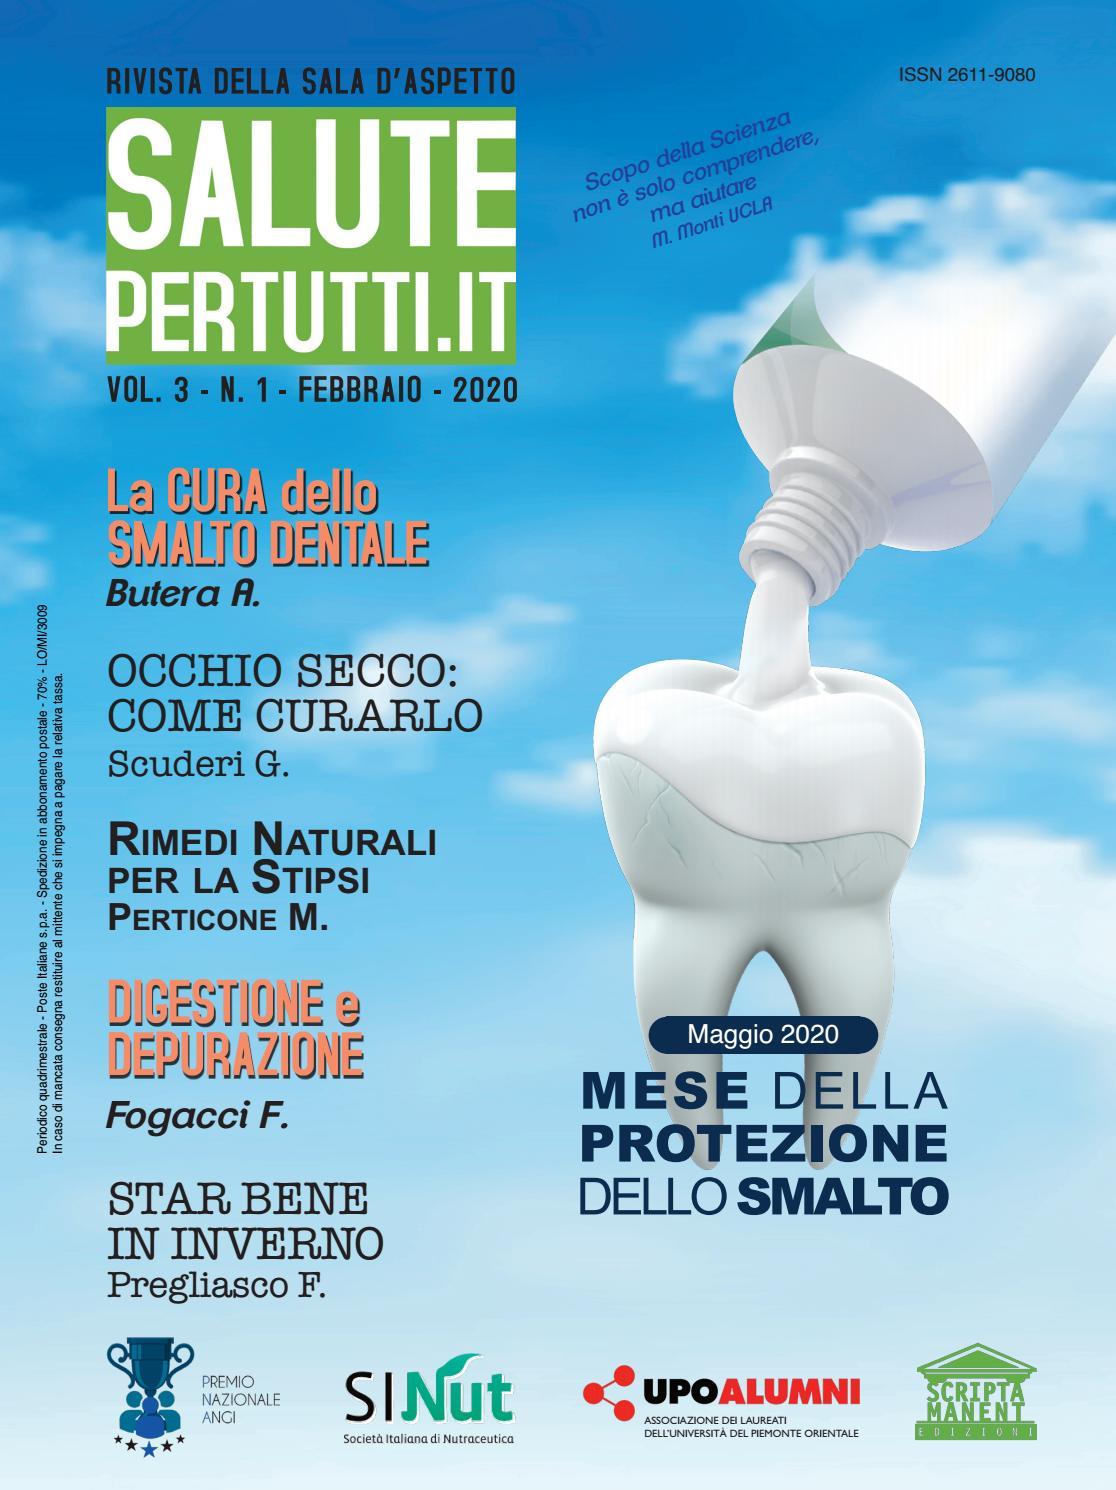 Salutepertutti It Vol 3 N 1 2020 By Edizioni Scripta Manent Issuu